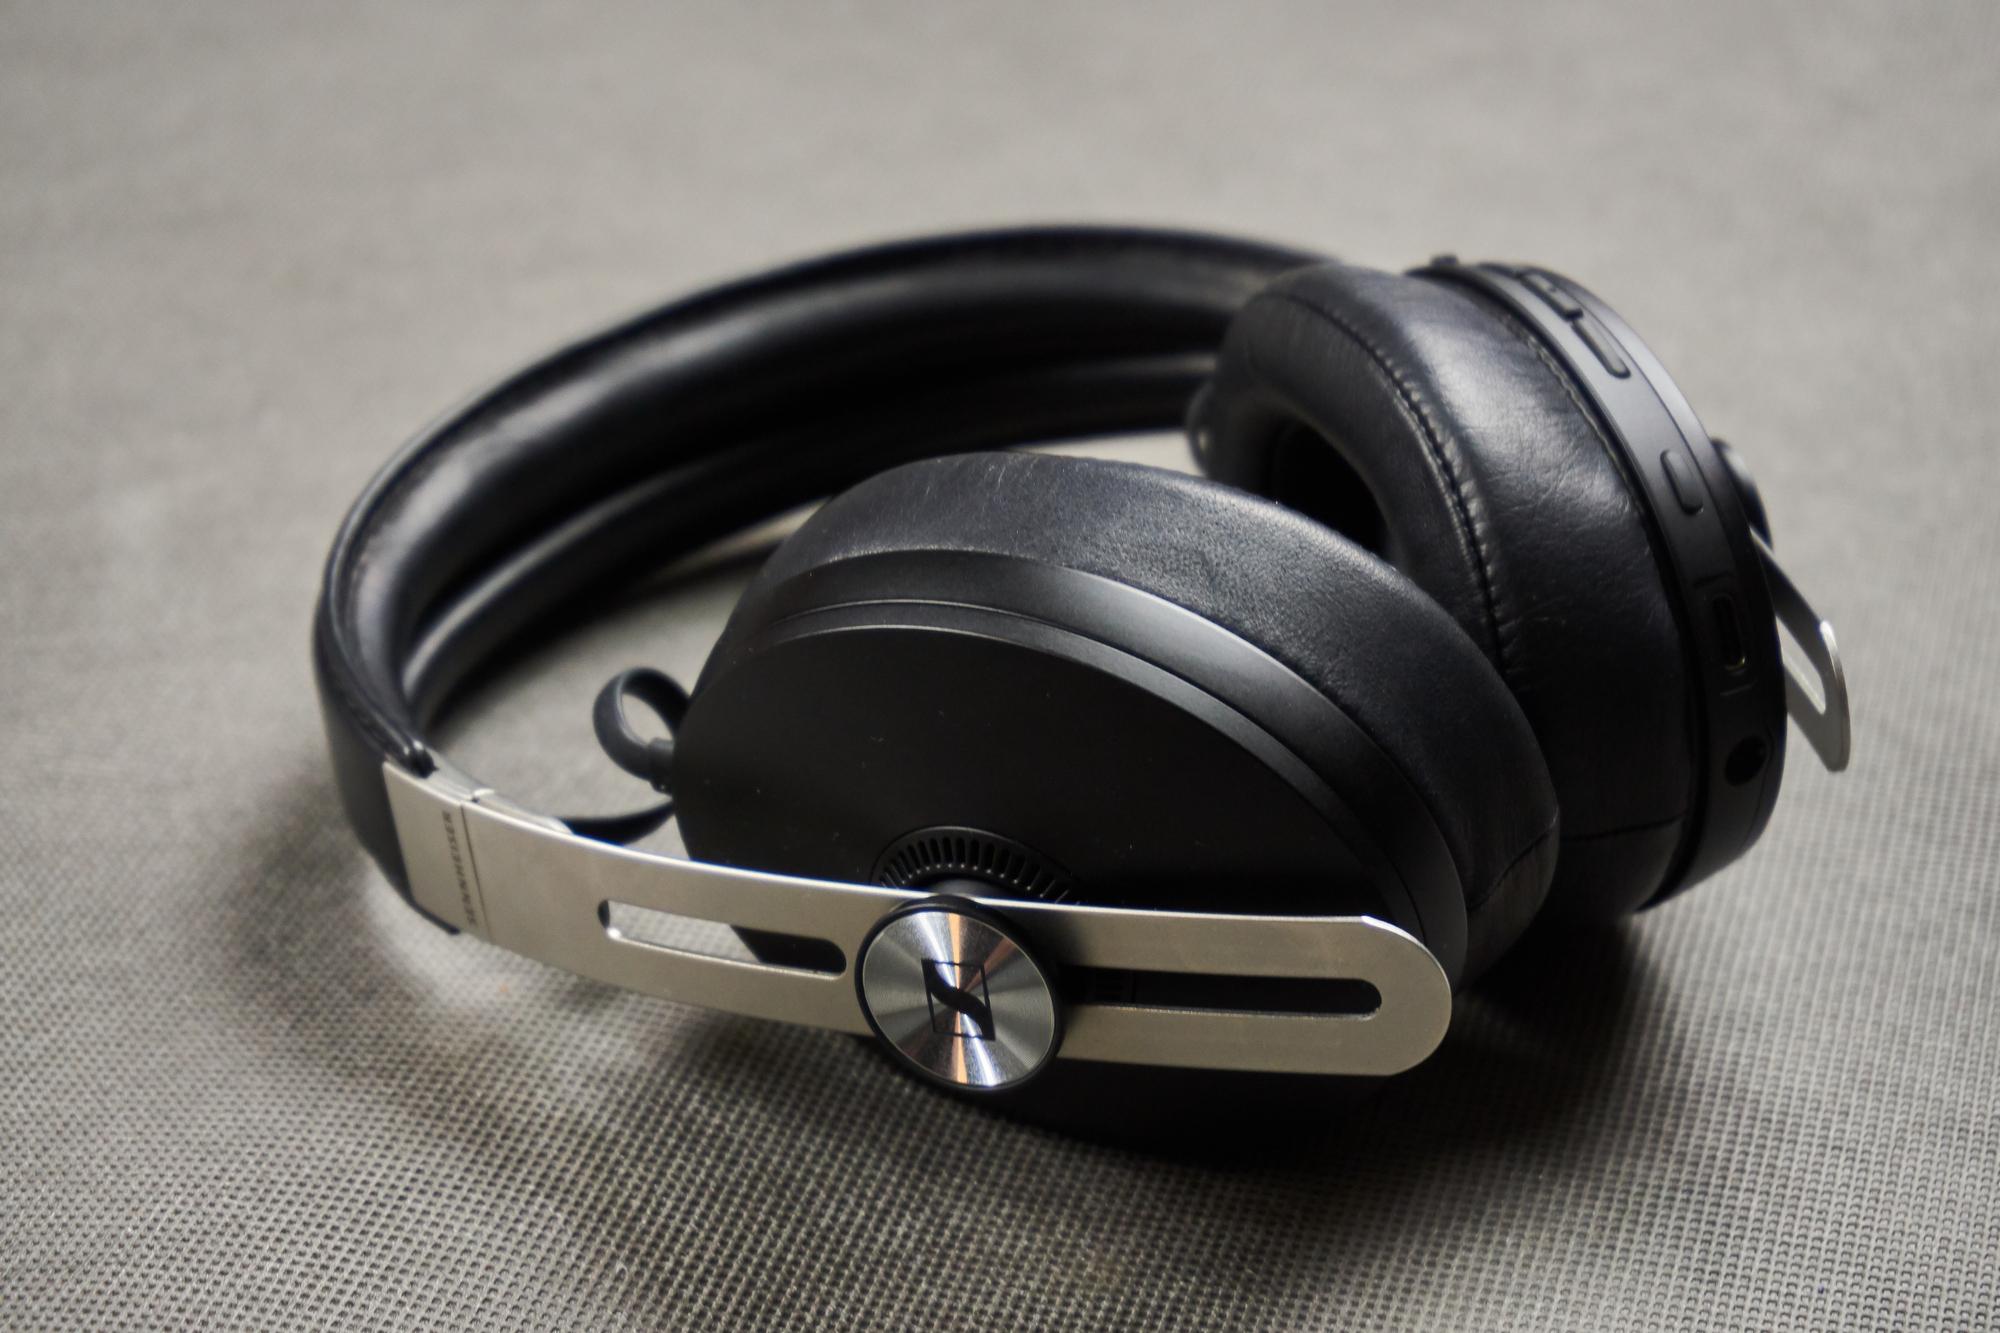 Recenzja Sennheiser Momentum Wireless - niemieckim inżynierom dźwięku progres nie jest obcy 38 Sennheiser Momentum Wireless